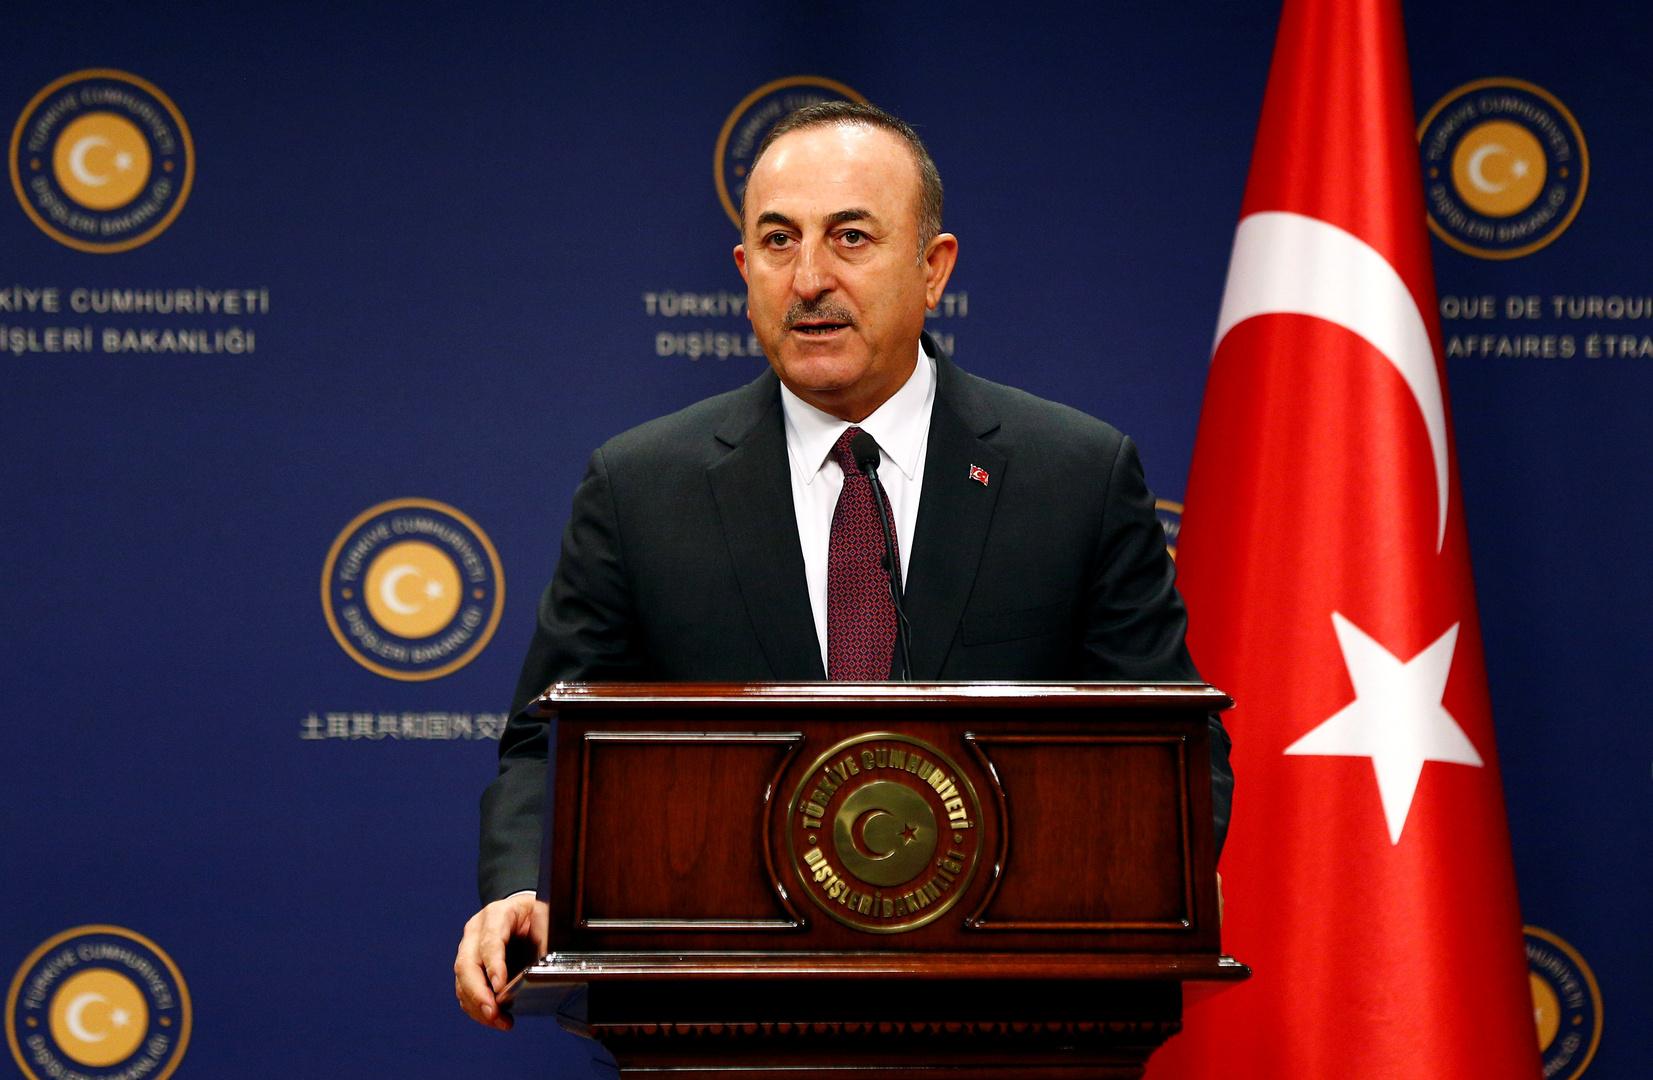 تركيا: لا يمكننا مغادرة سوريا قبل تحقيق تسوية سياسية لأزمتها ولا فرق بين